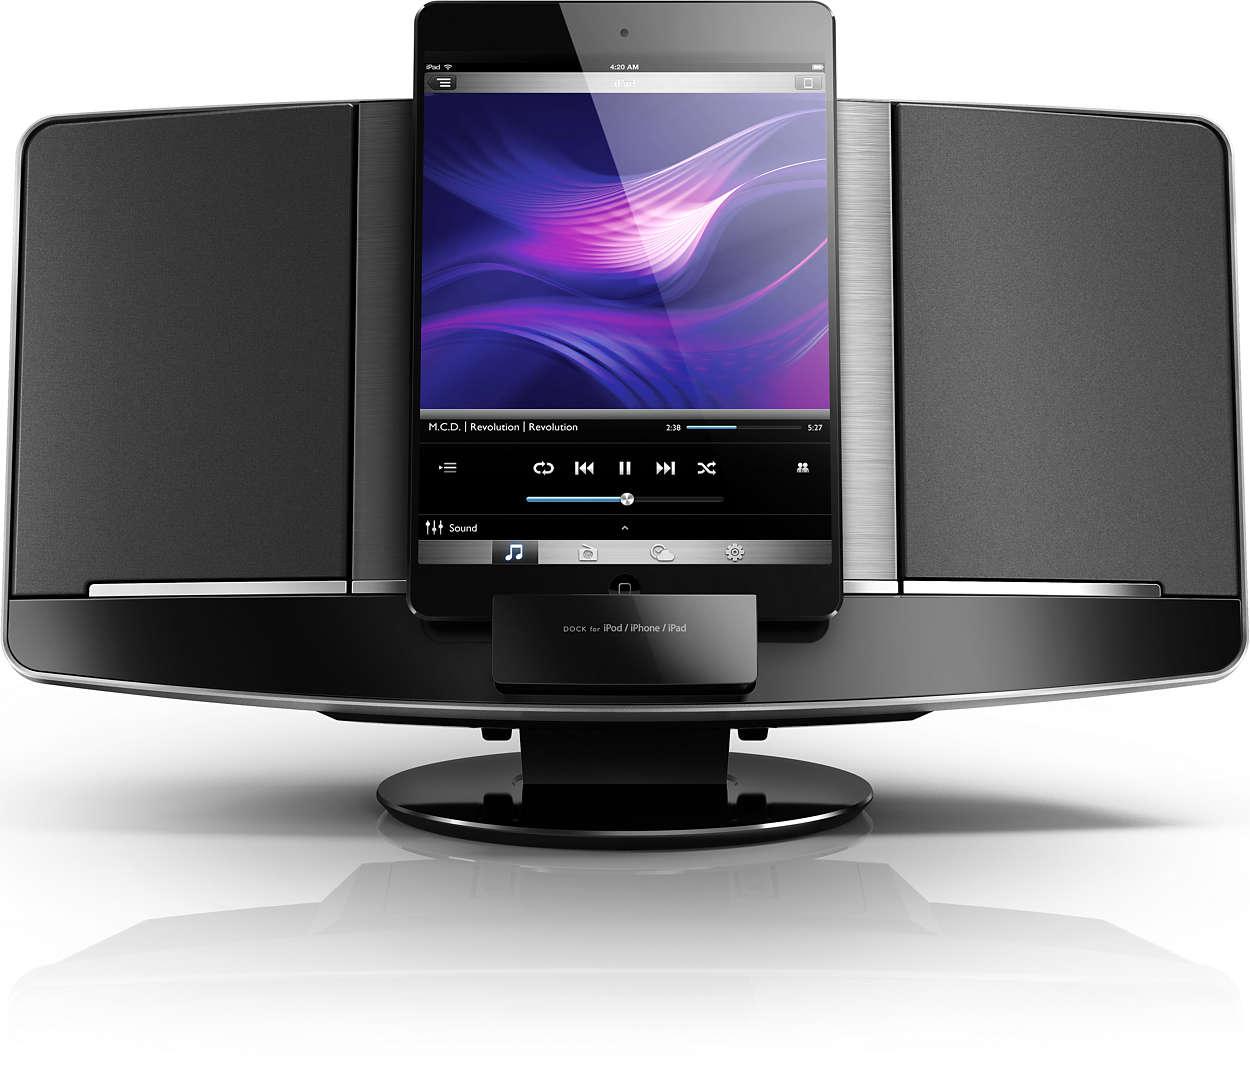 Zvukový systém, ktorý pristane vašej domácnosti